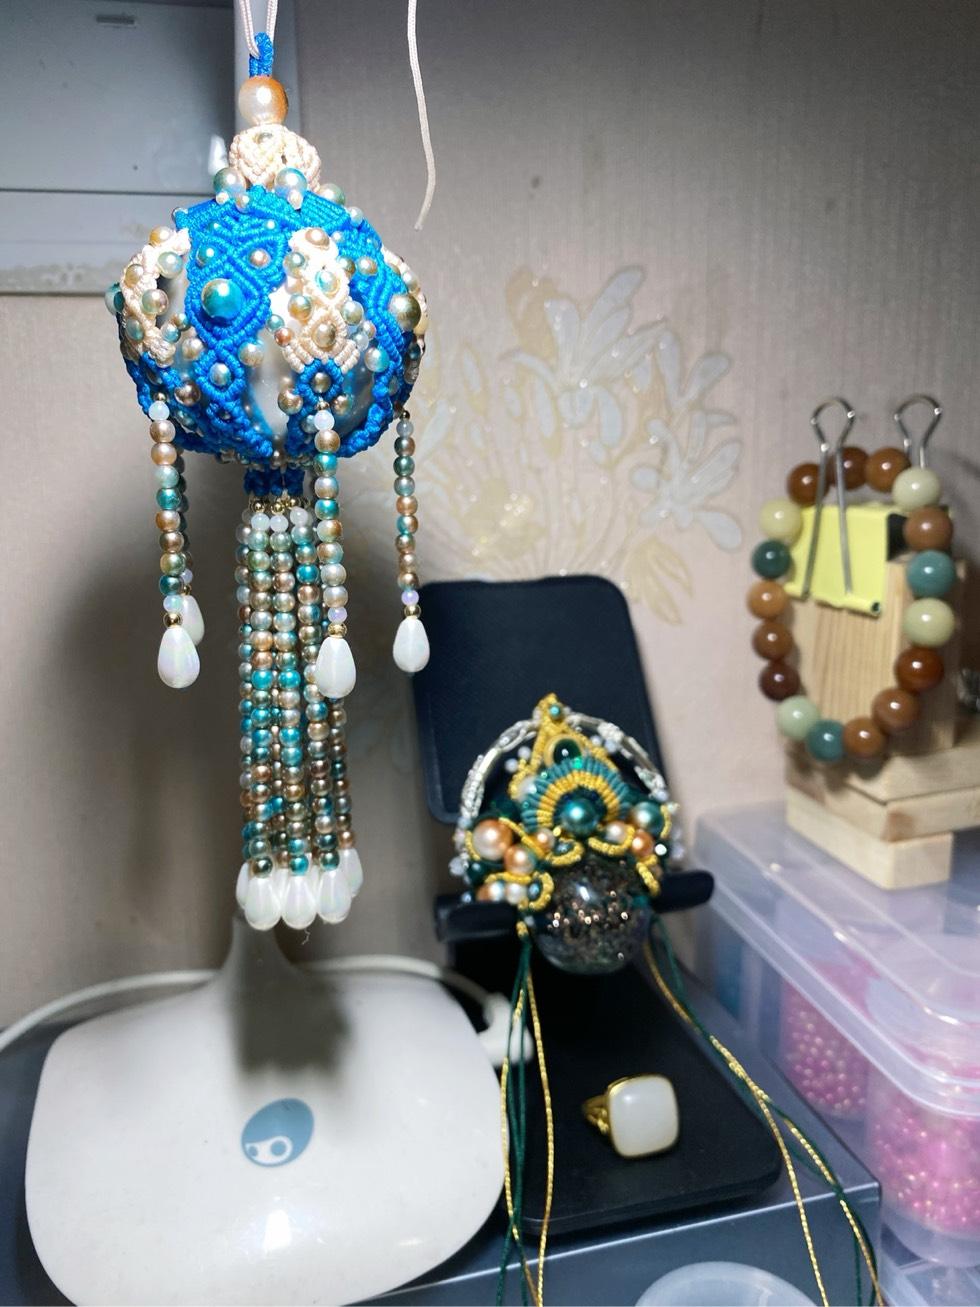 中国结论坛 绣球 盆栽绣球花怎么养,绣球的寓意,绣球图片,绣球品种大全 作品展示 200933e0c09cxxccase3xx